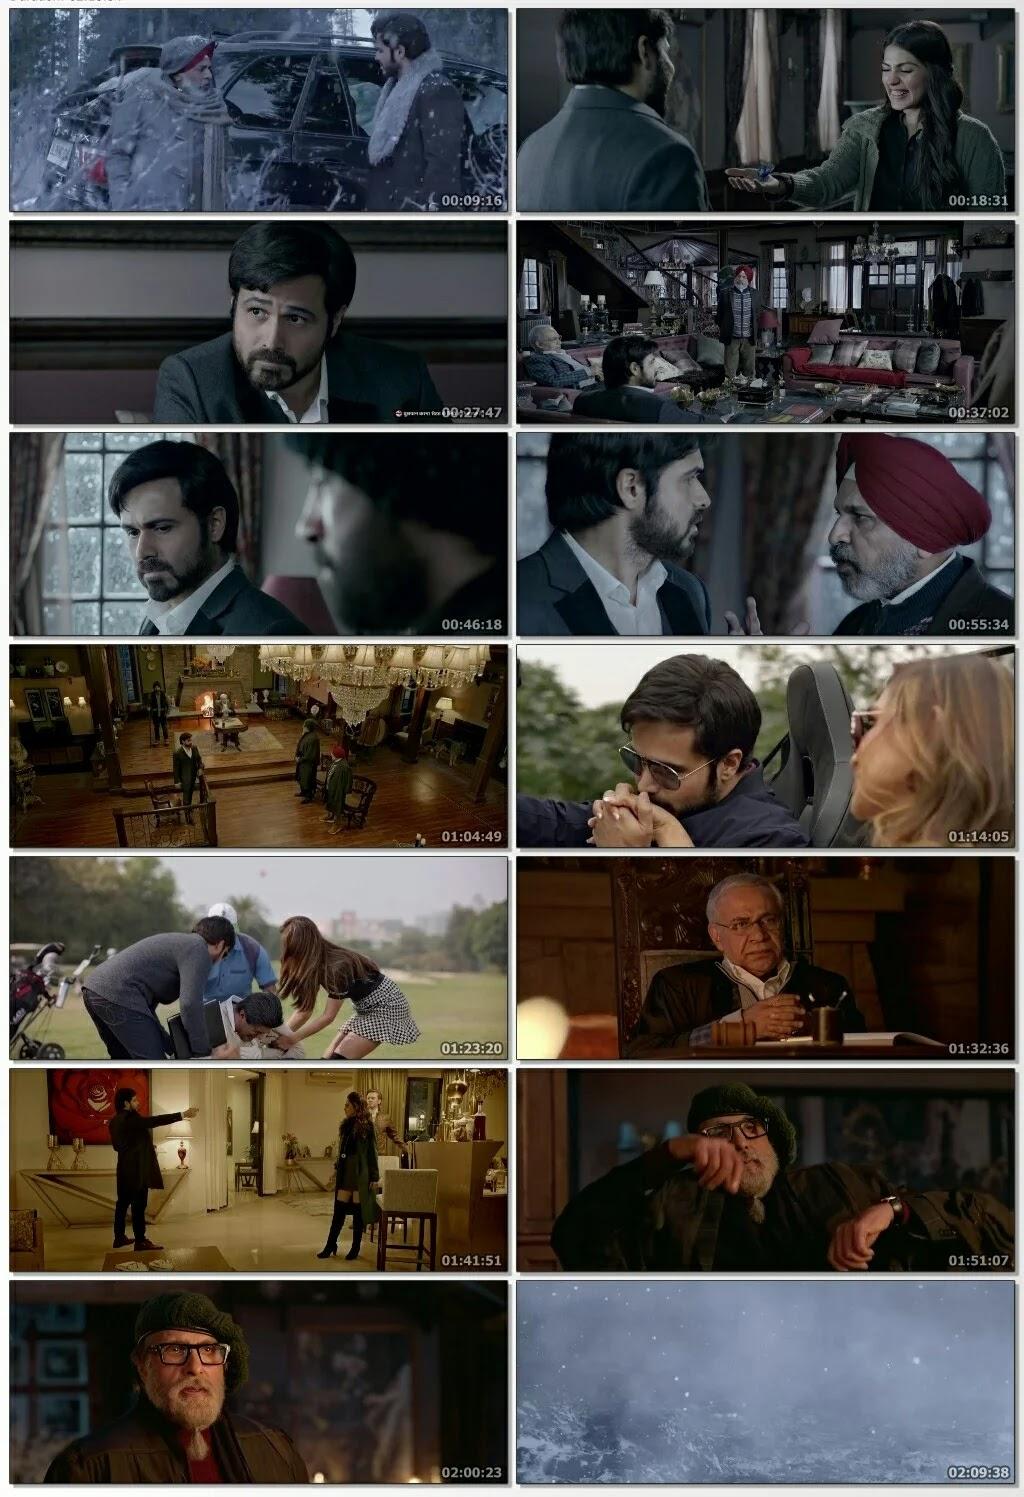 Chehre (2021) Hindi Full movie 720p Free Download